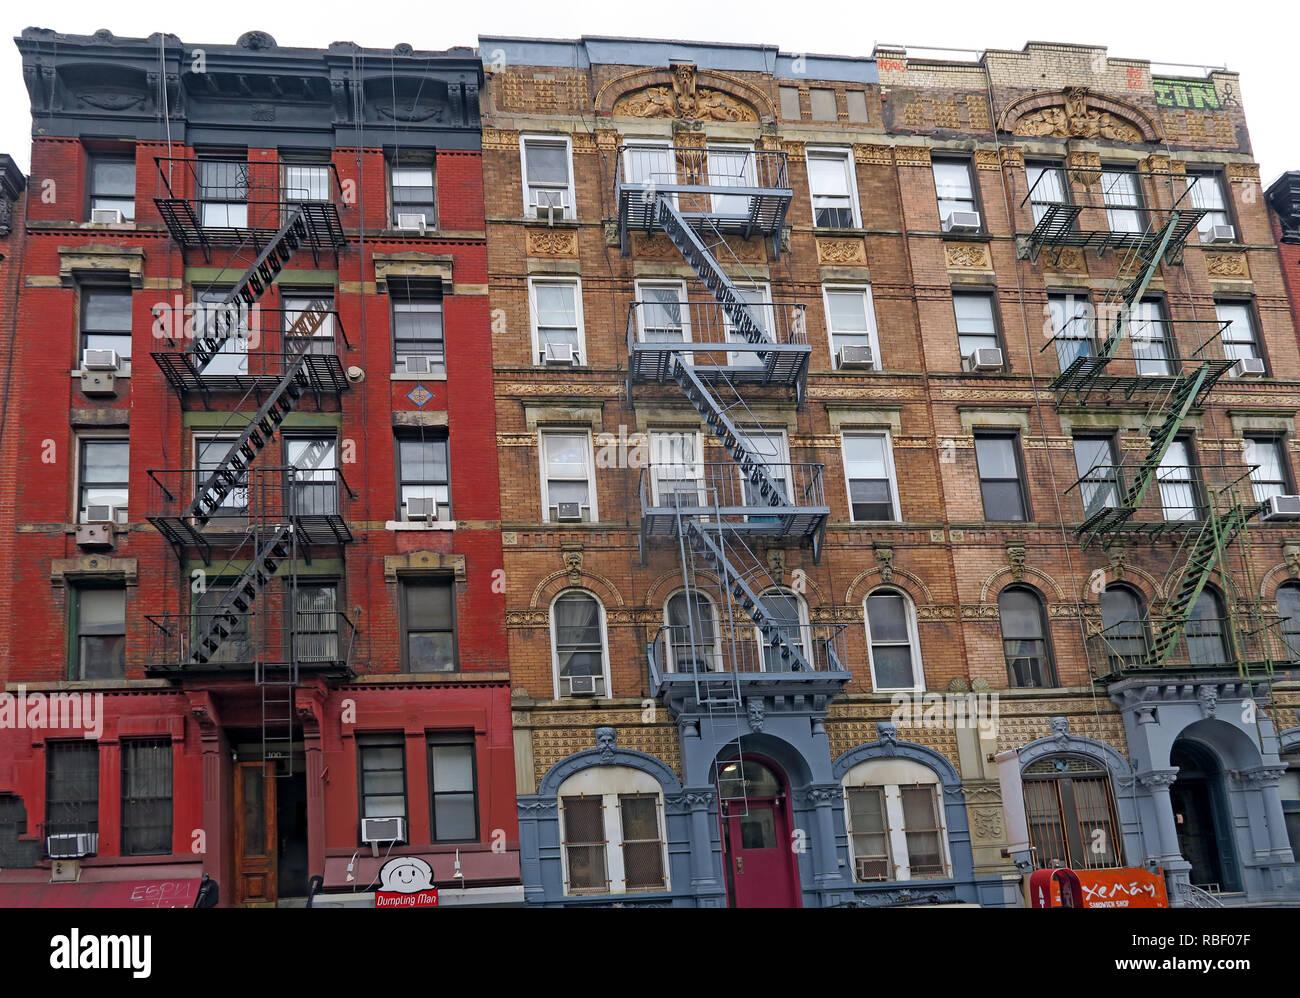 Laden Sie dieses Alamy Stockfoto 98, Saint Mark's Place, East Village, Manhattan Zeppelin Abdeckung mietskasernen von physischen Graffiti album Led, New York City, NY - RBF07F